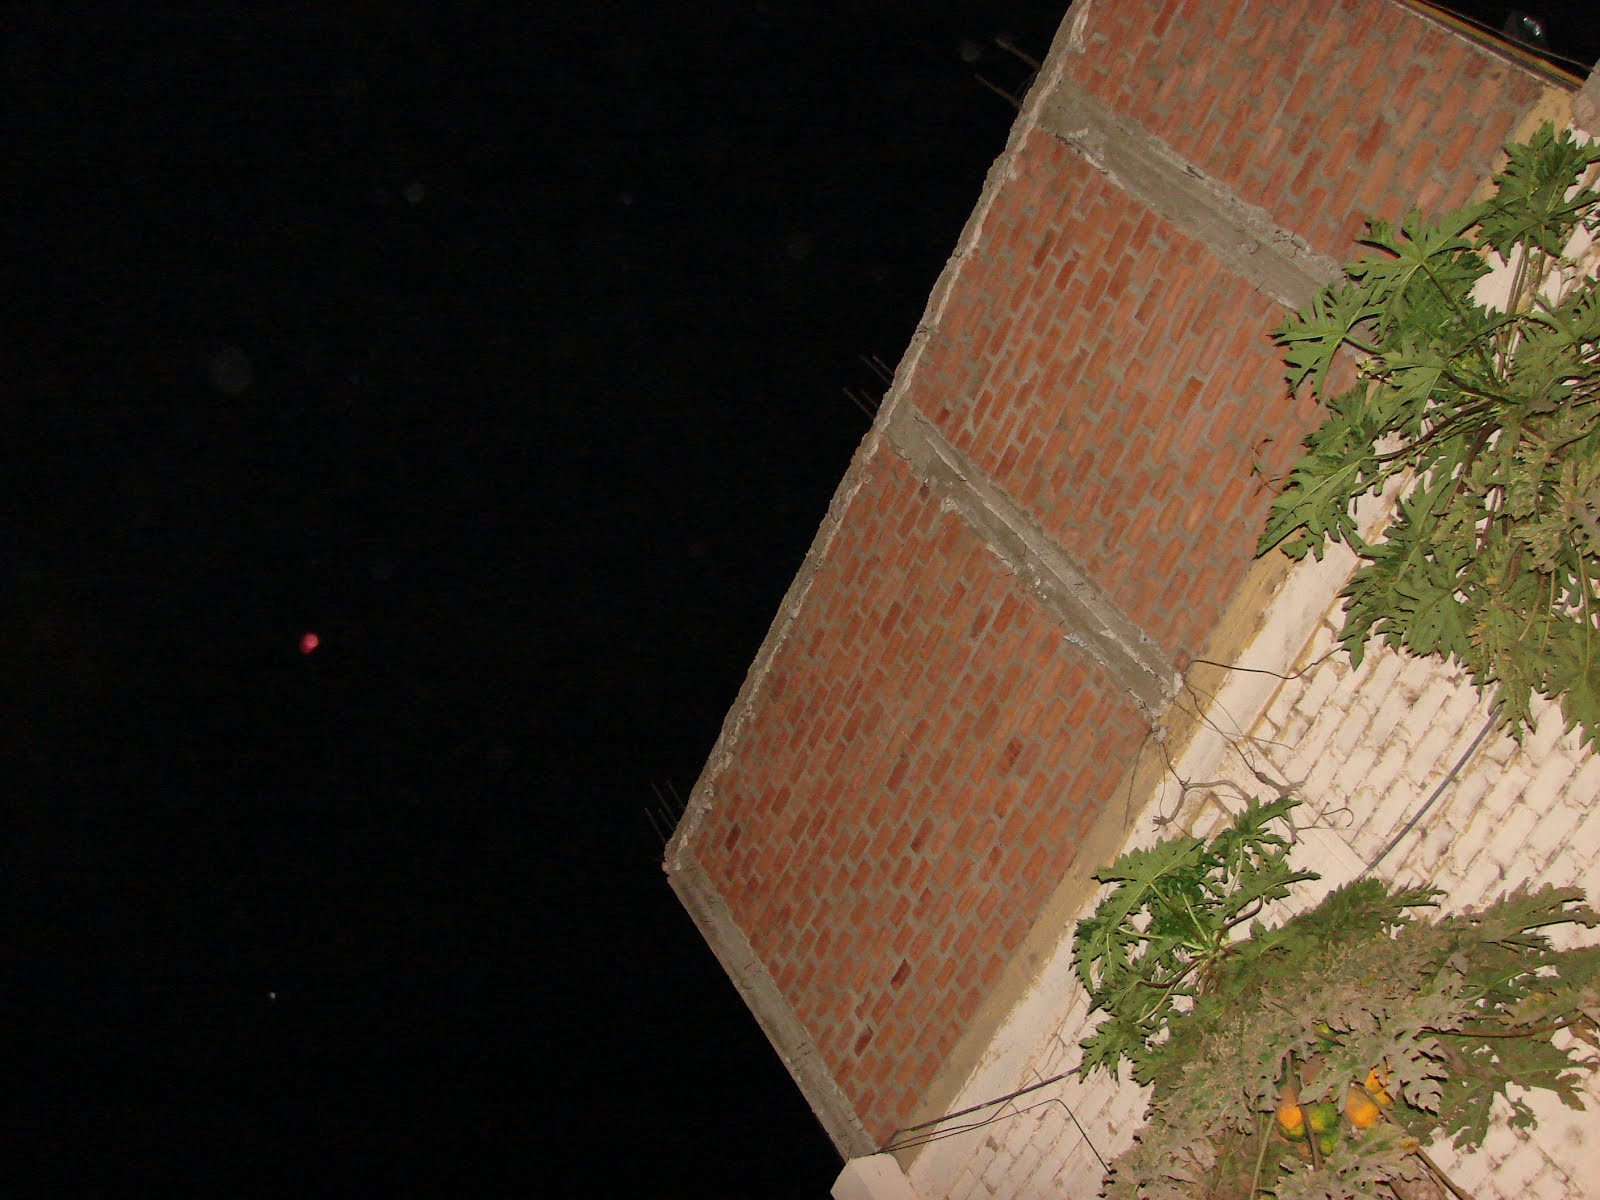 atencion-11-12-13-14-15-16-diciembre-2012 ultimos avistamientos ovni NIBIRU-PLANETA x-rojo-en cielo